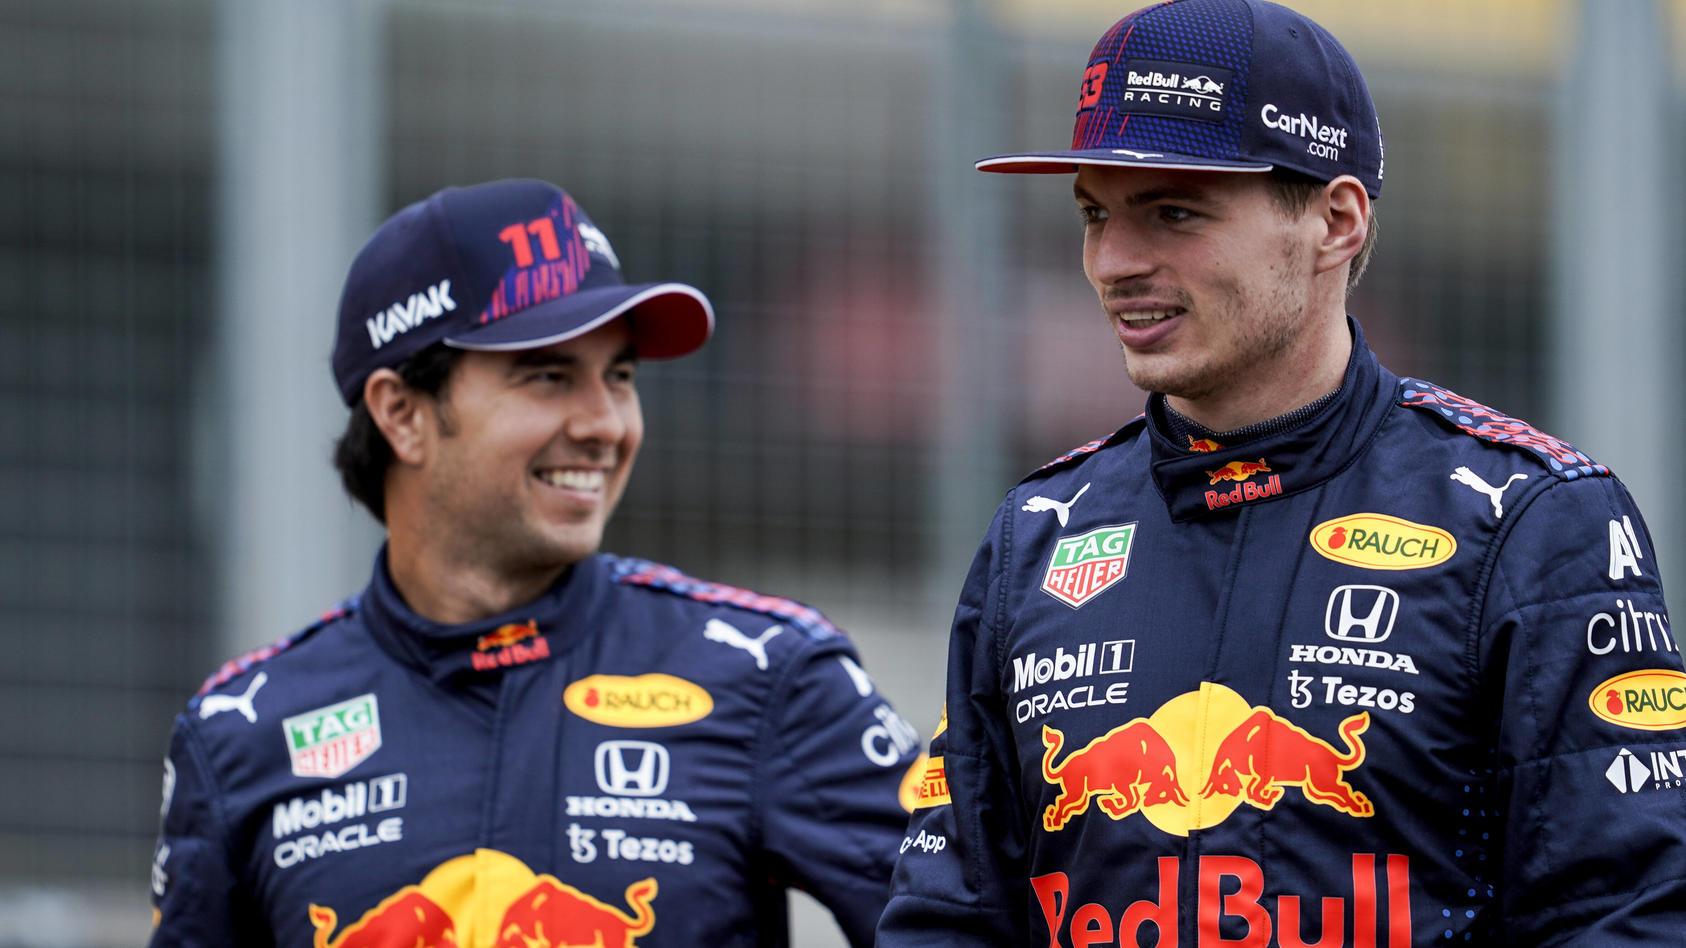 Der Bulle und der Ober-Bulle: Sergio Perez und Max Verstappen.